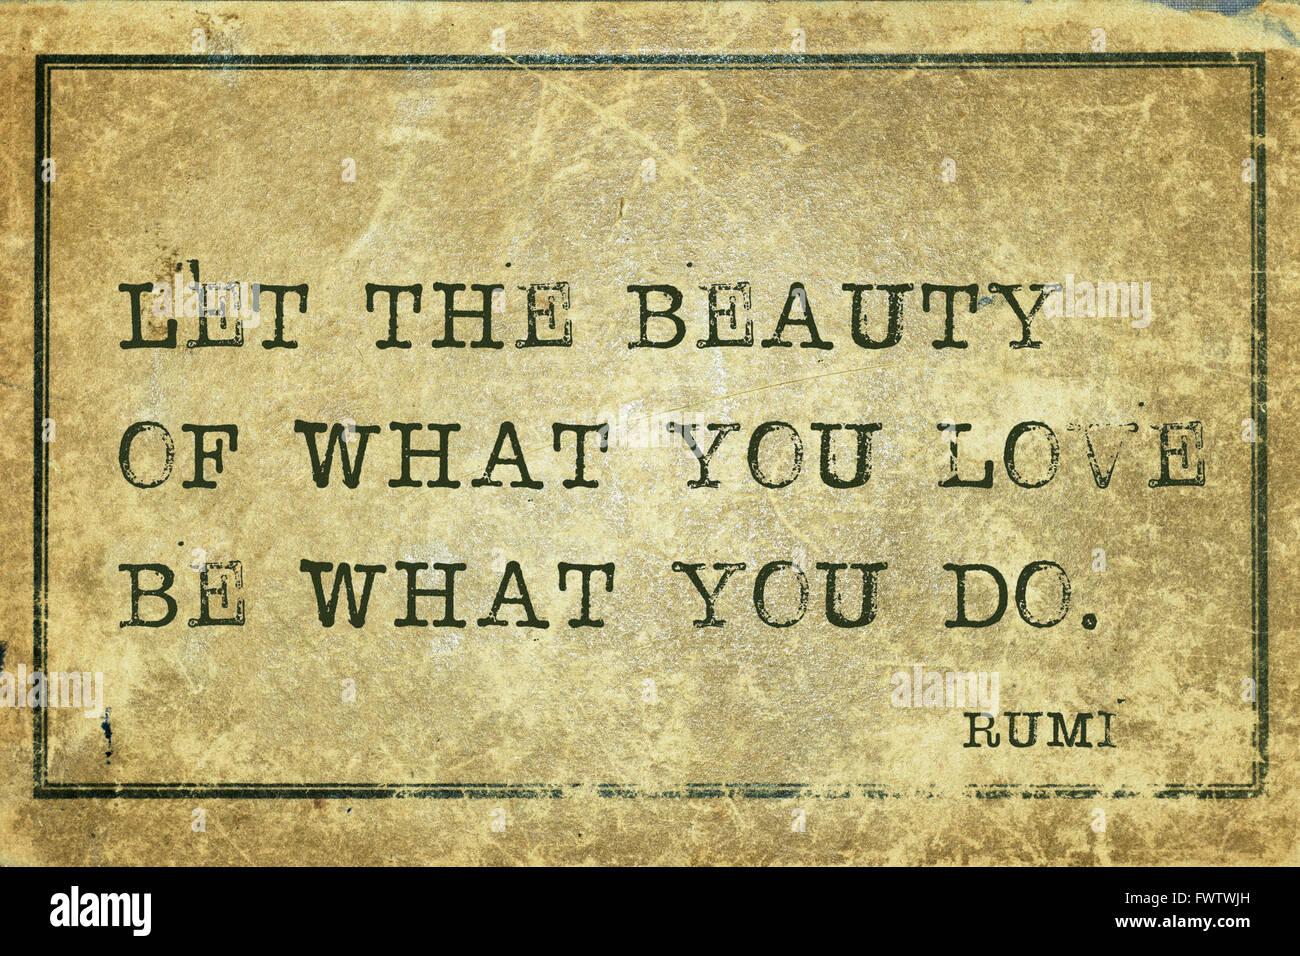 Lassen Sie Schonheit Des Was Du Liebst Alte Persische Dichter Und Philosoph Rumi Zitat Auf Grunge Vintage Karton Gedruckt